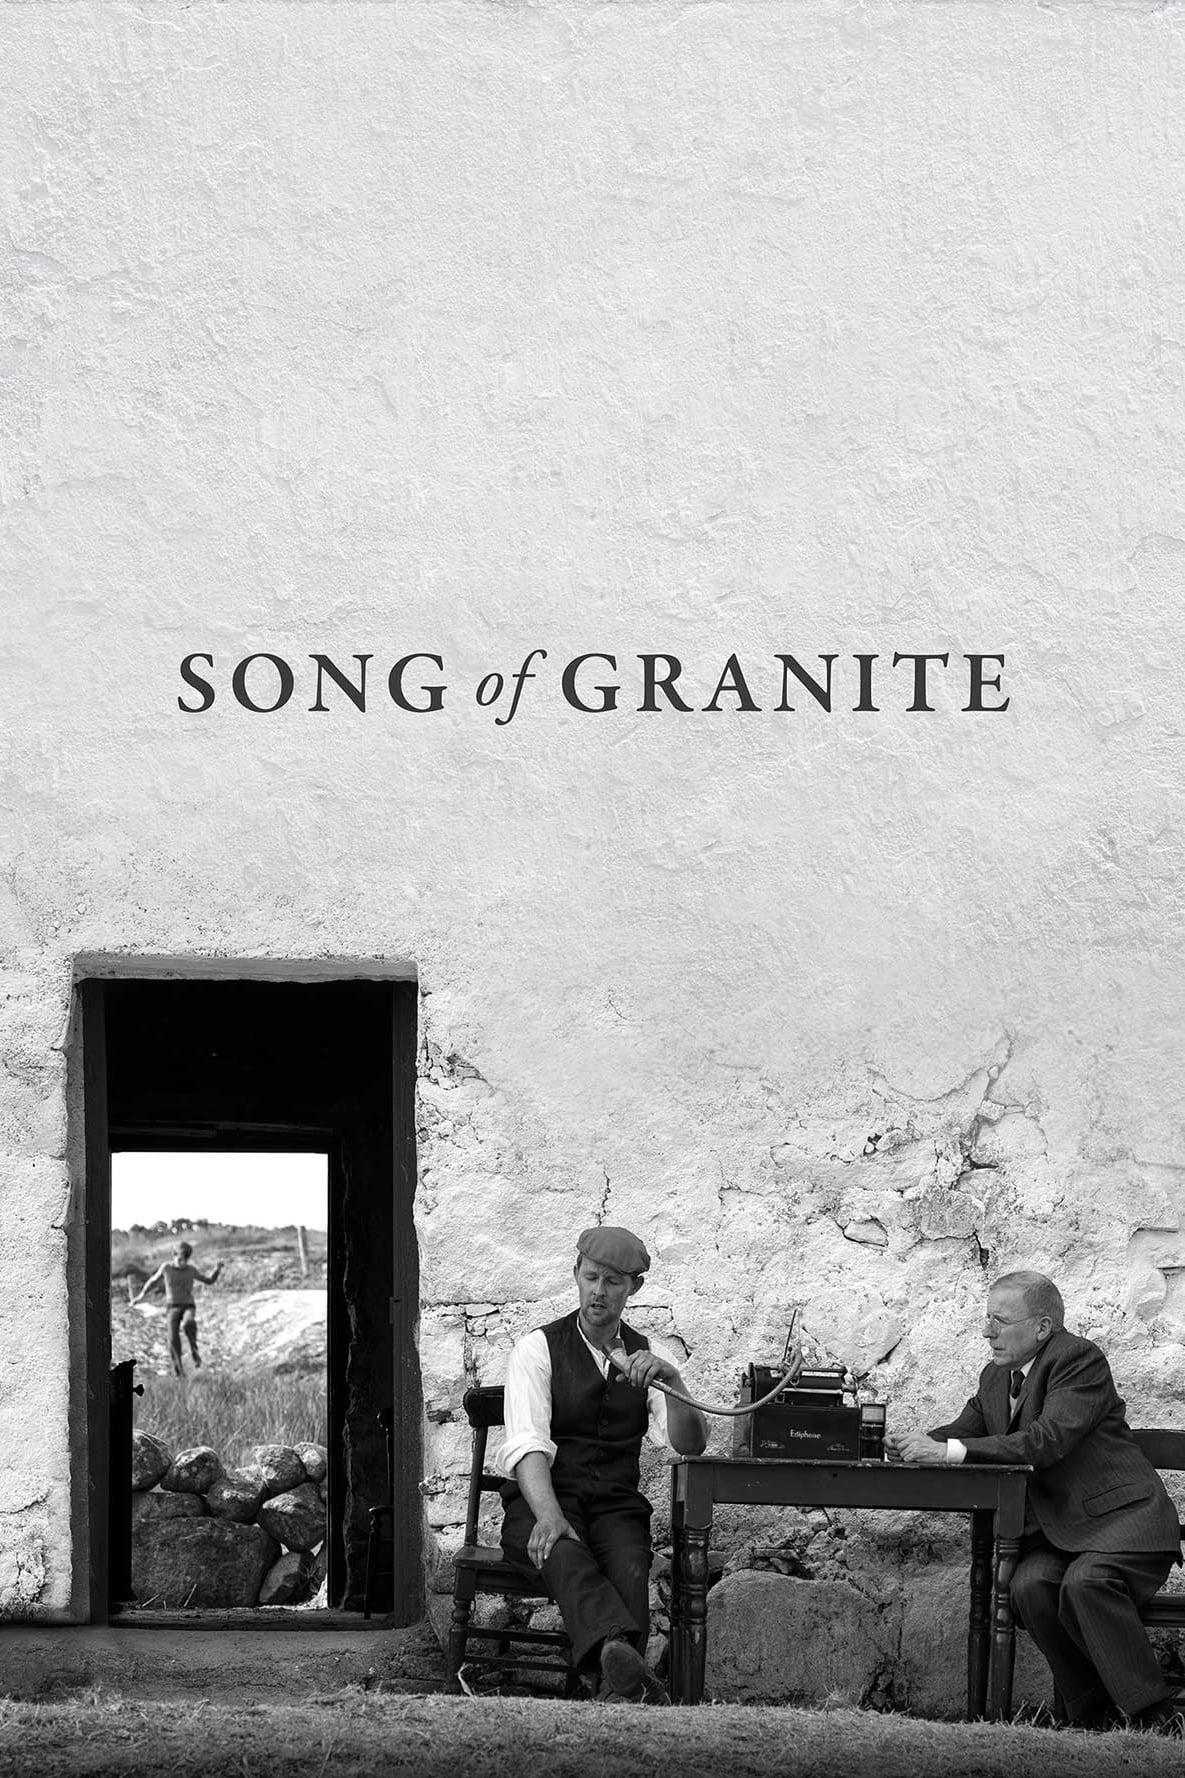 Song of Granite